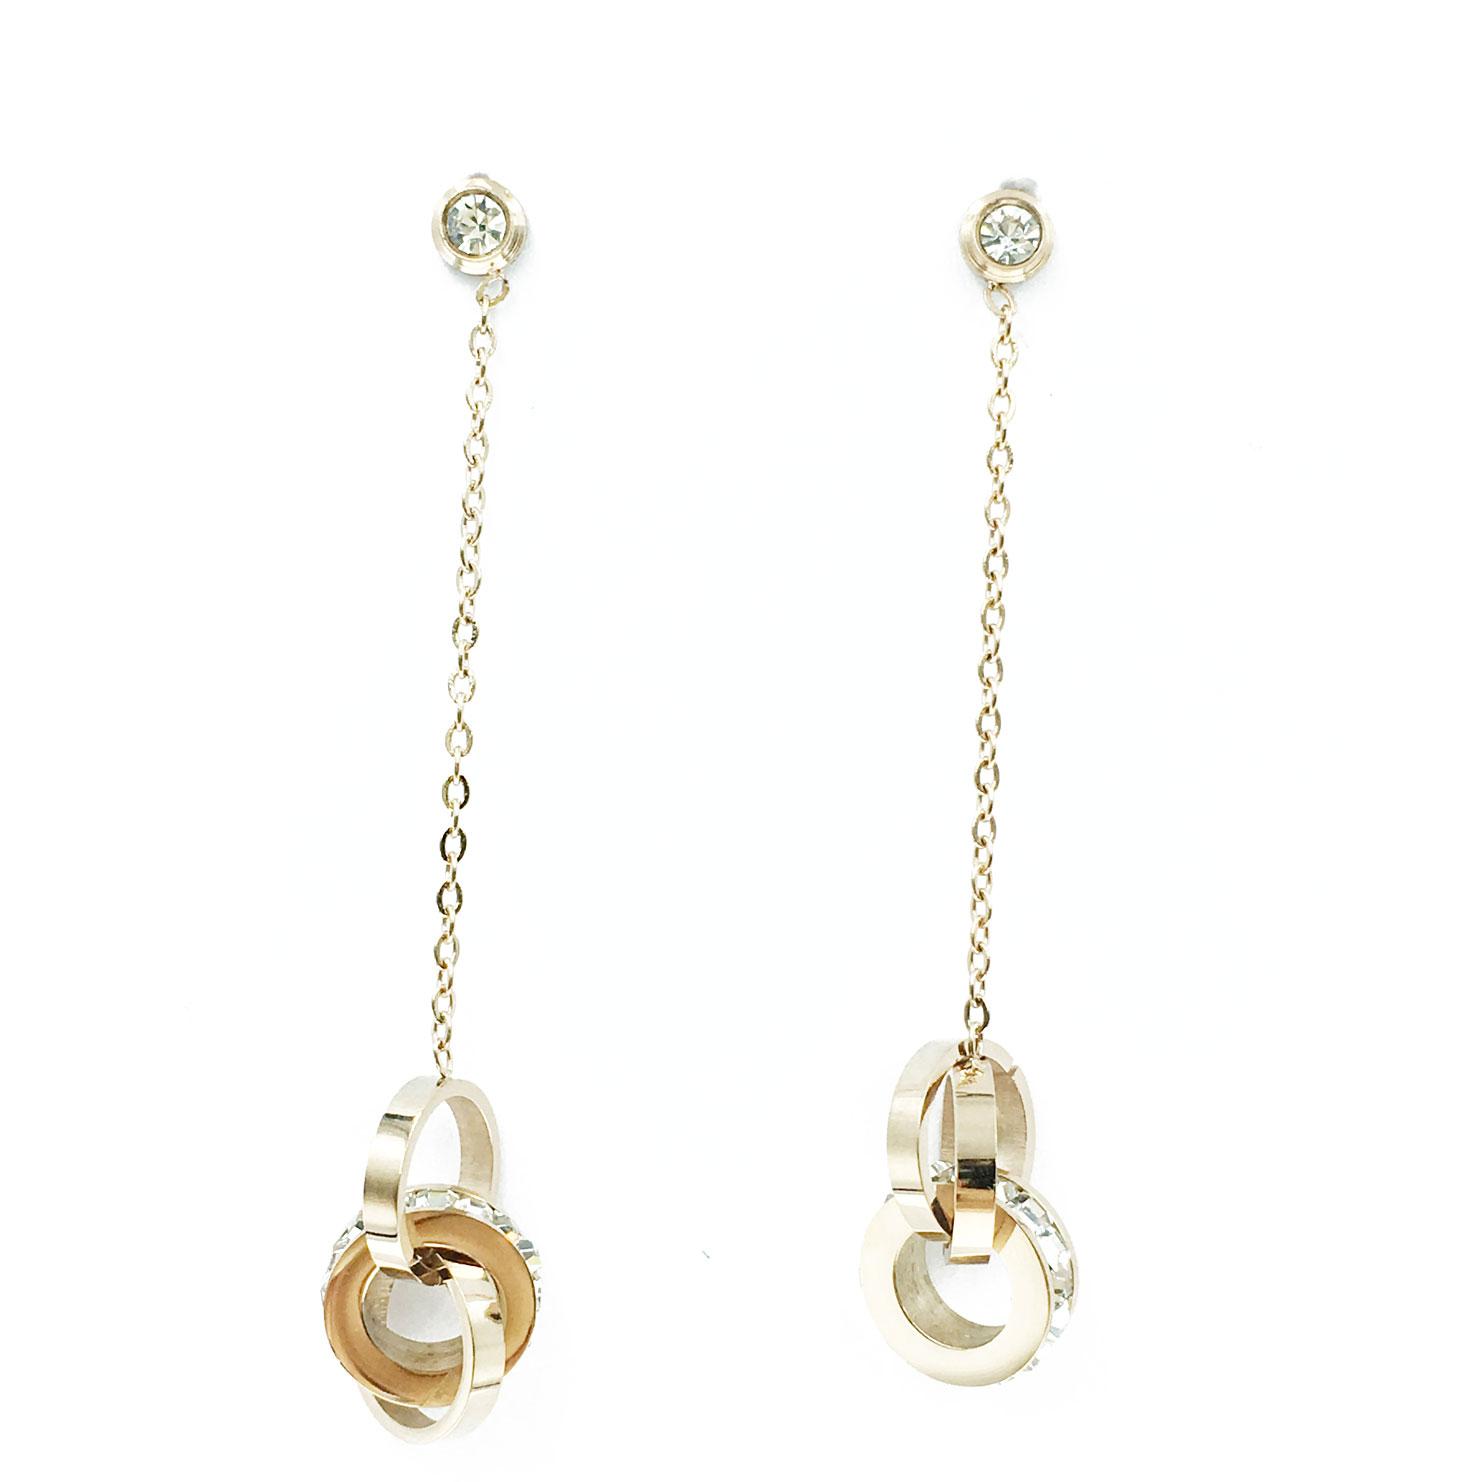 韓國 不銹鋼 水鑽 串圓 垂墜感 耳針式 耳環